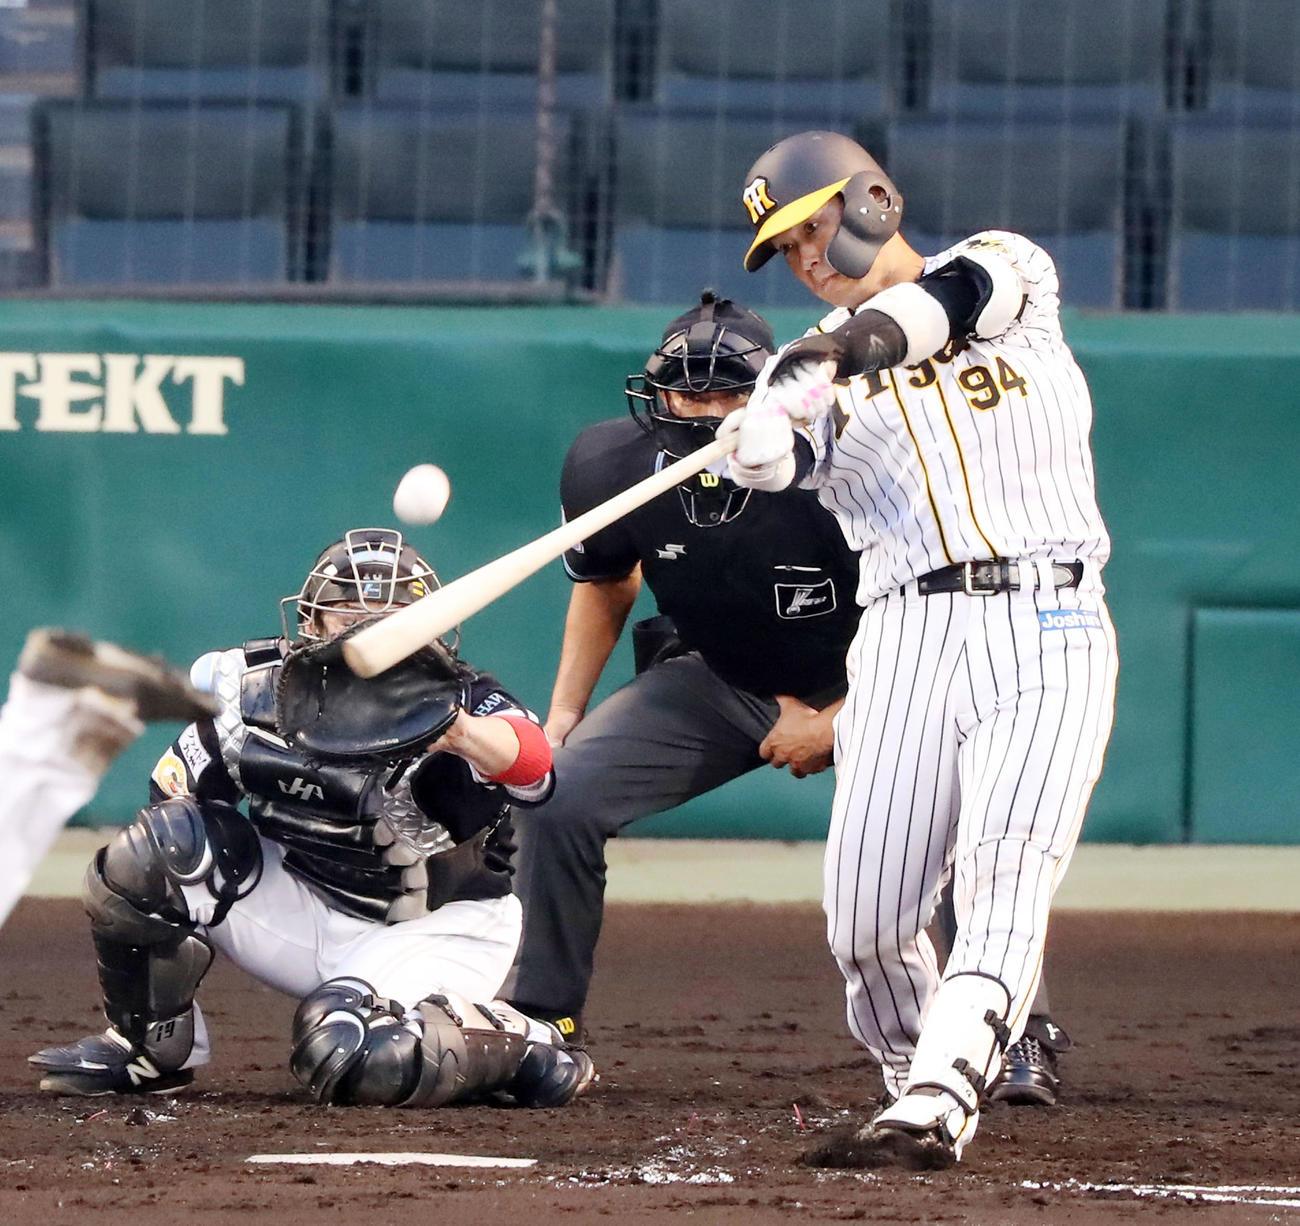 阪神対ソフトバンク 2回裏阪神無死一塁、原口は左越え2点本塁打を放つ(撮影・加藤哉)